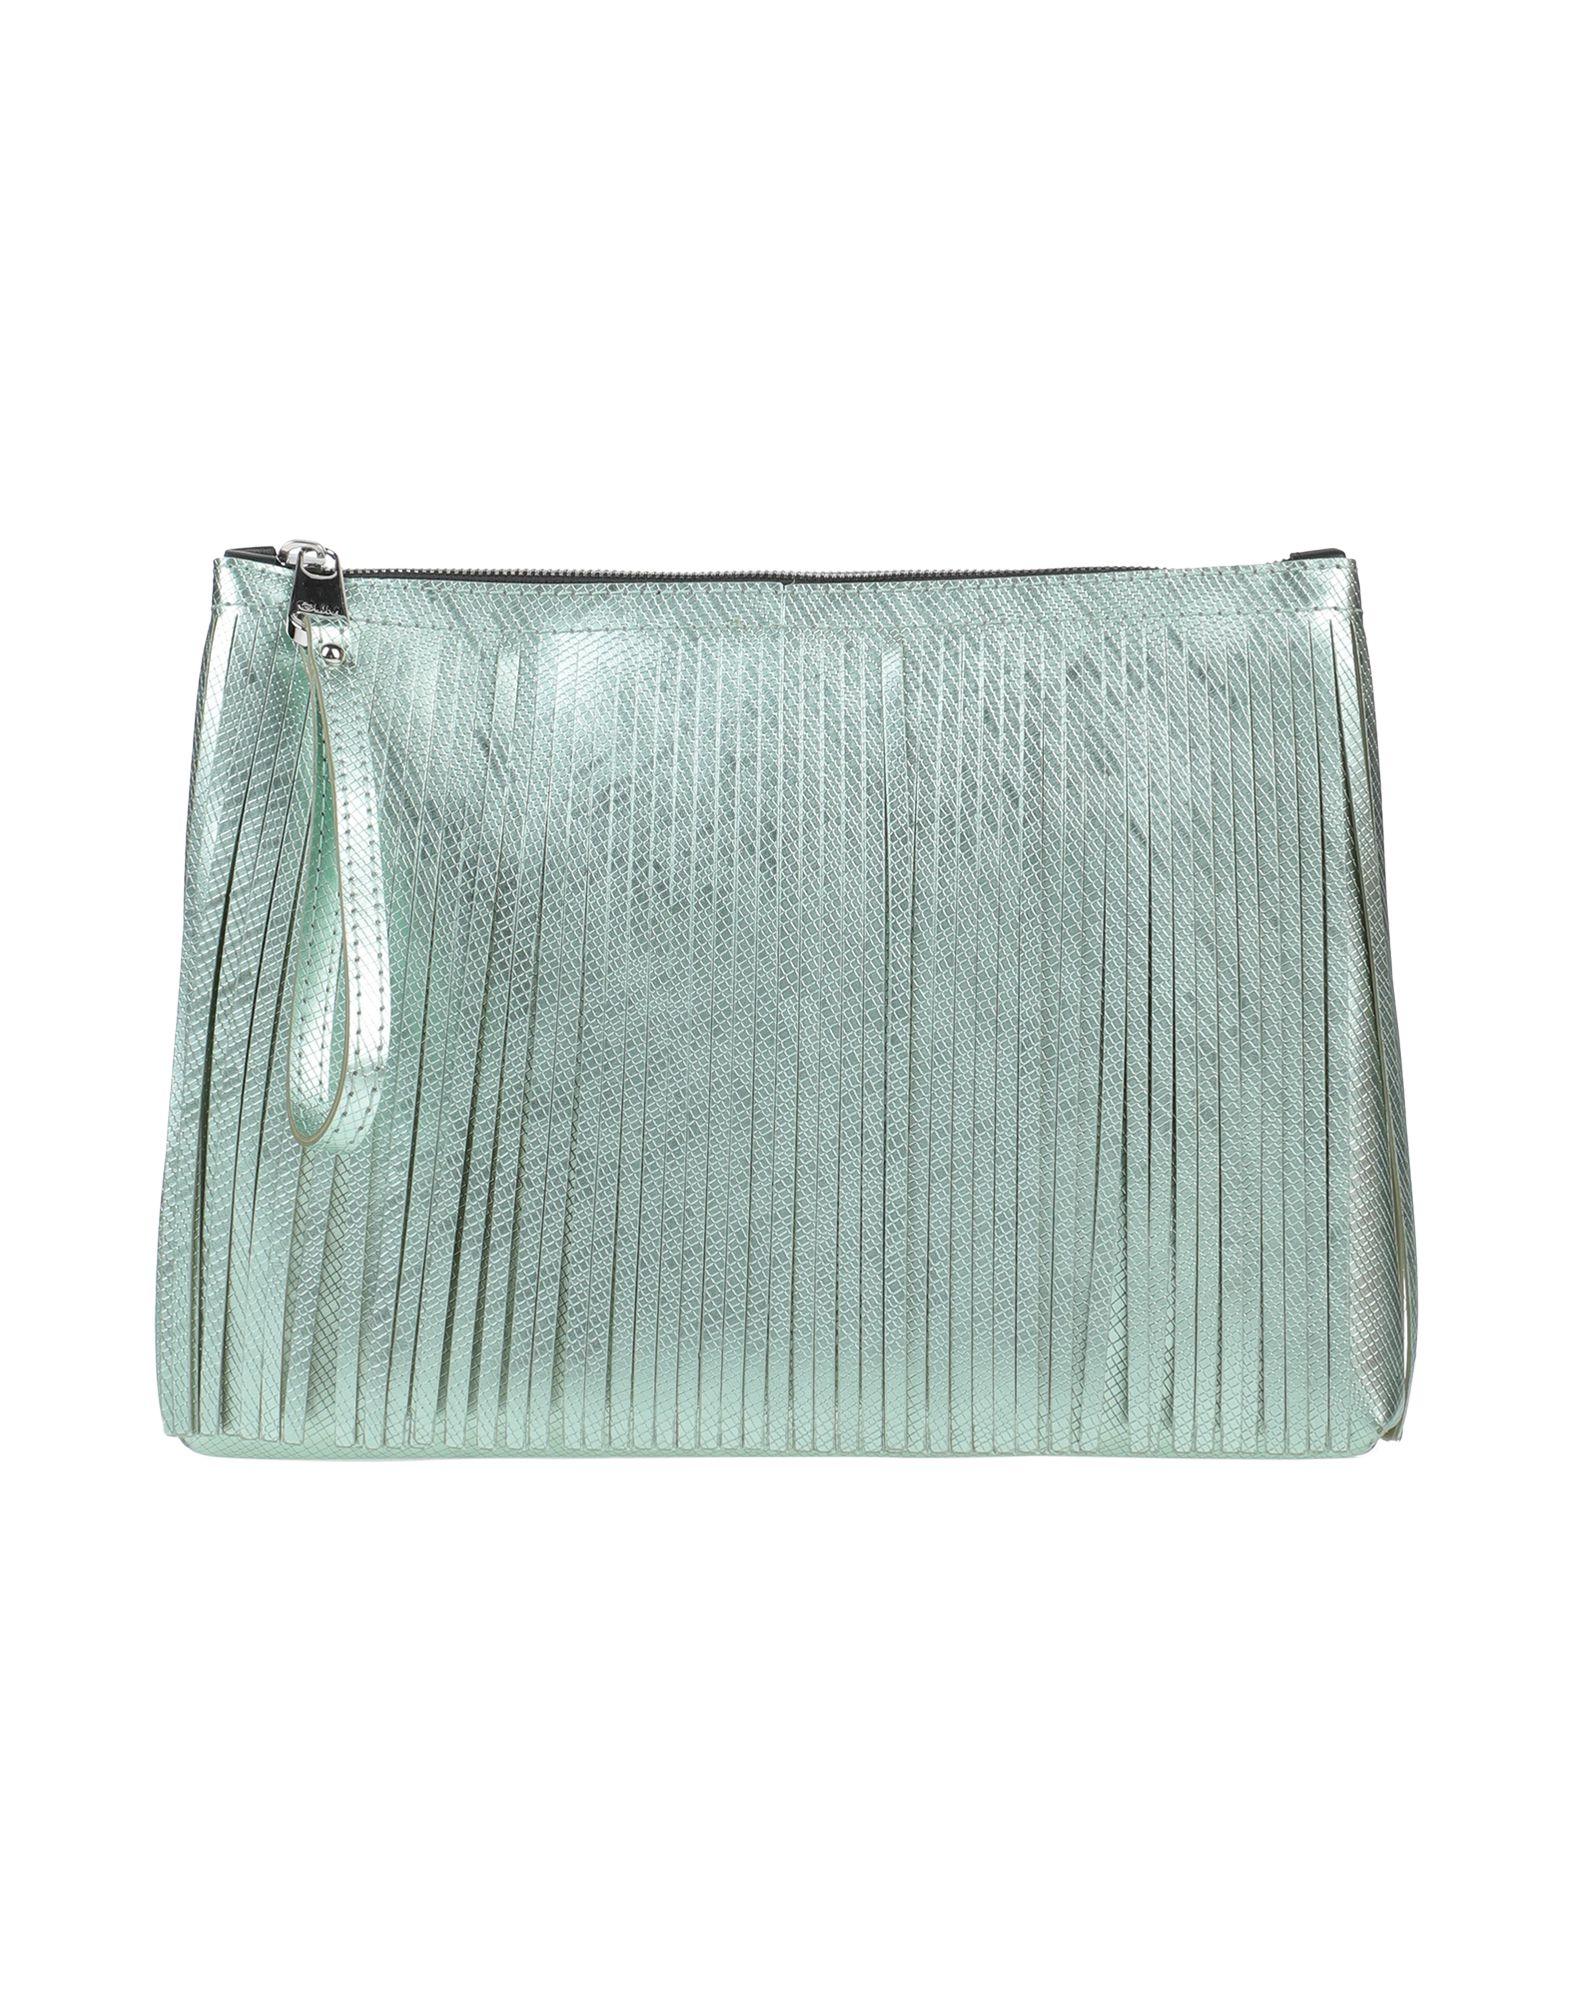 GUM BY GIANNI CHIARINI Сумка на руку рюкзак gianni chiarini zn 9230 18pe ind marble